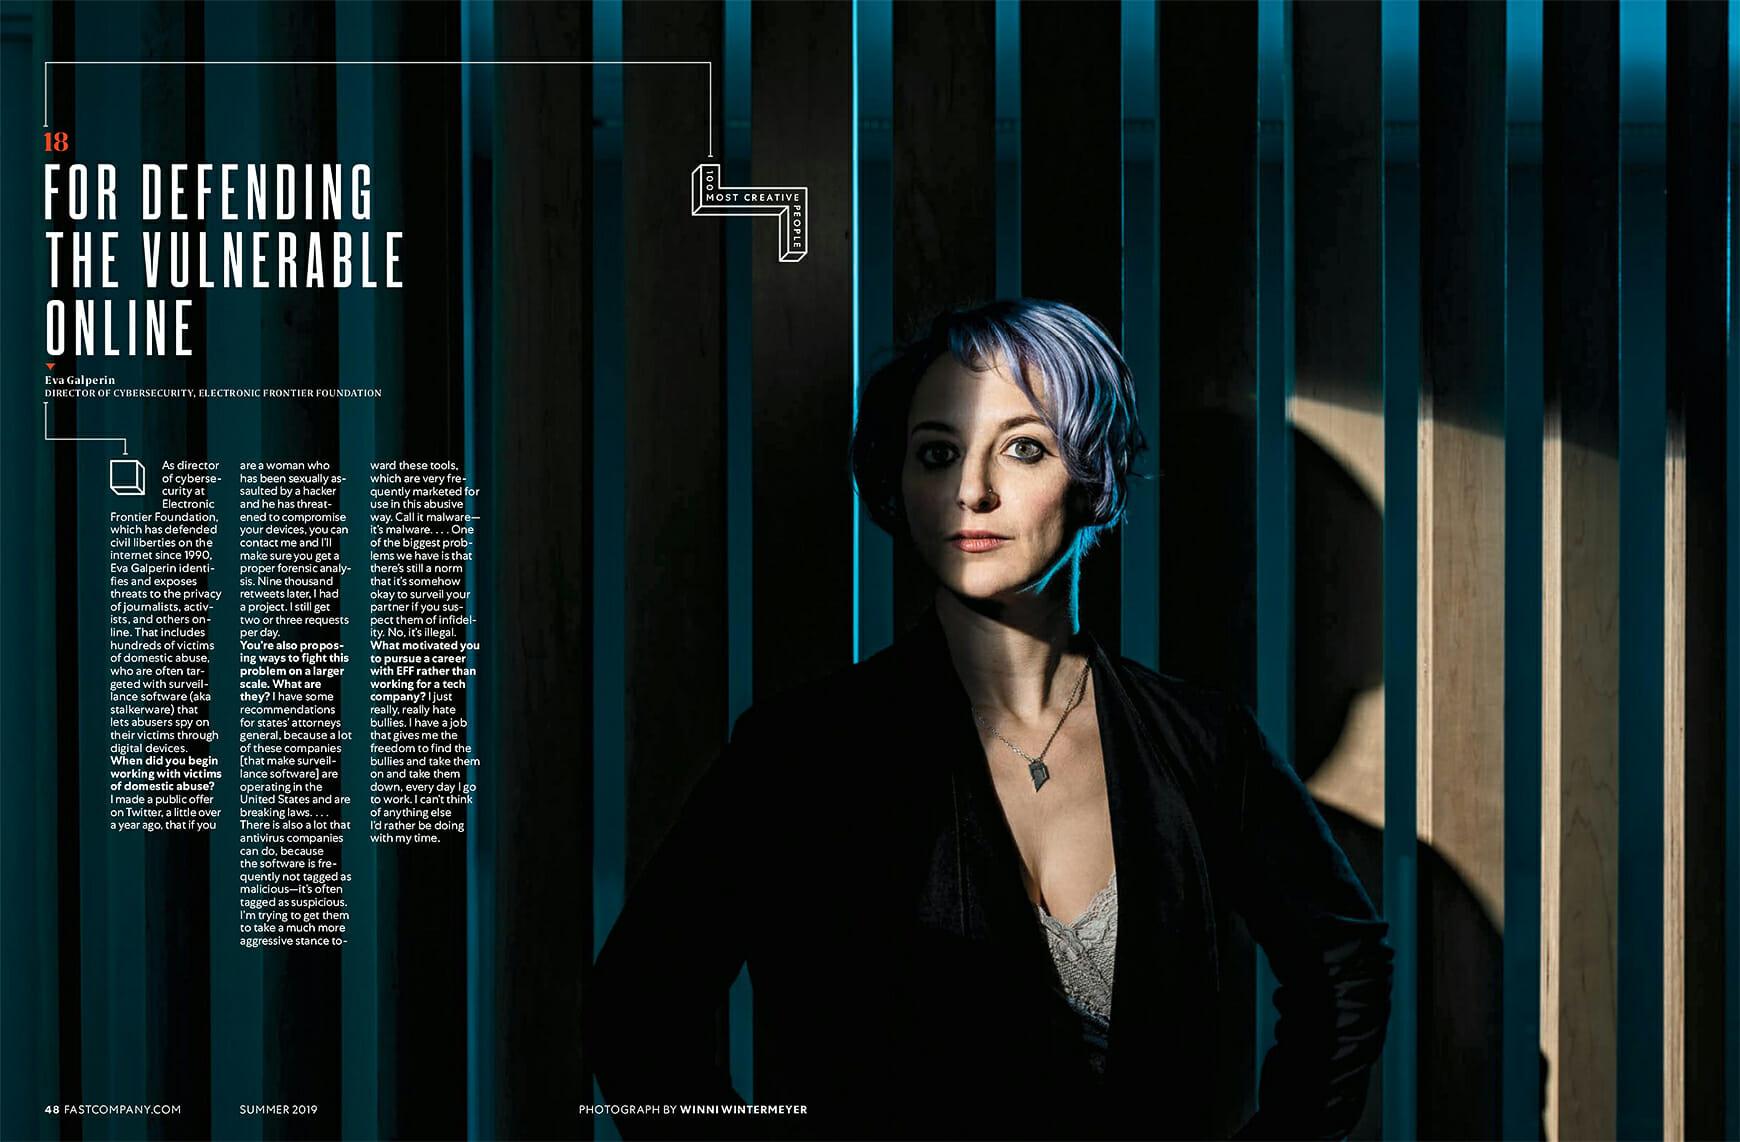 Eva Galperin feature in Fast Company magazine